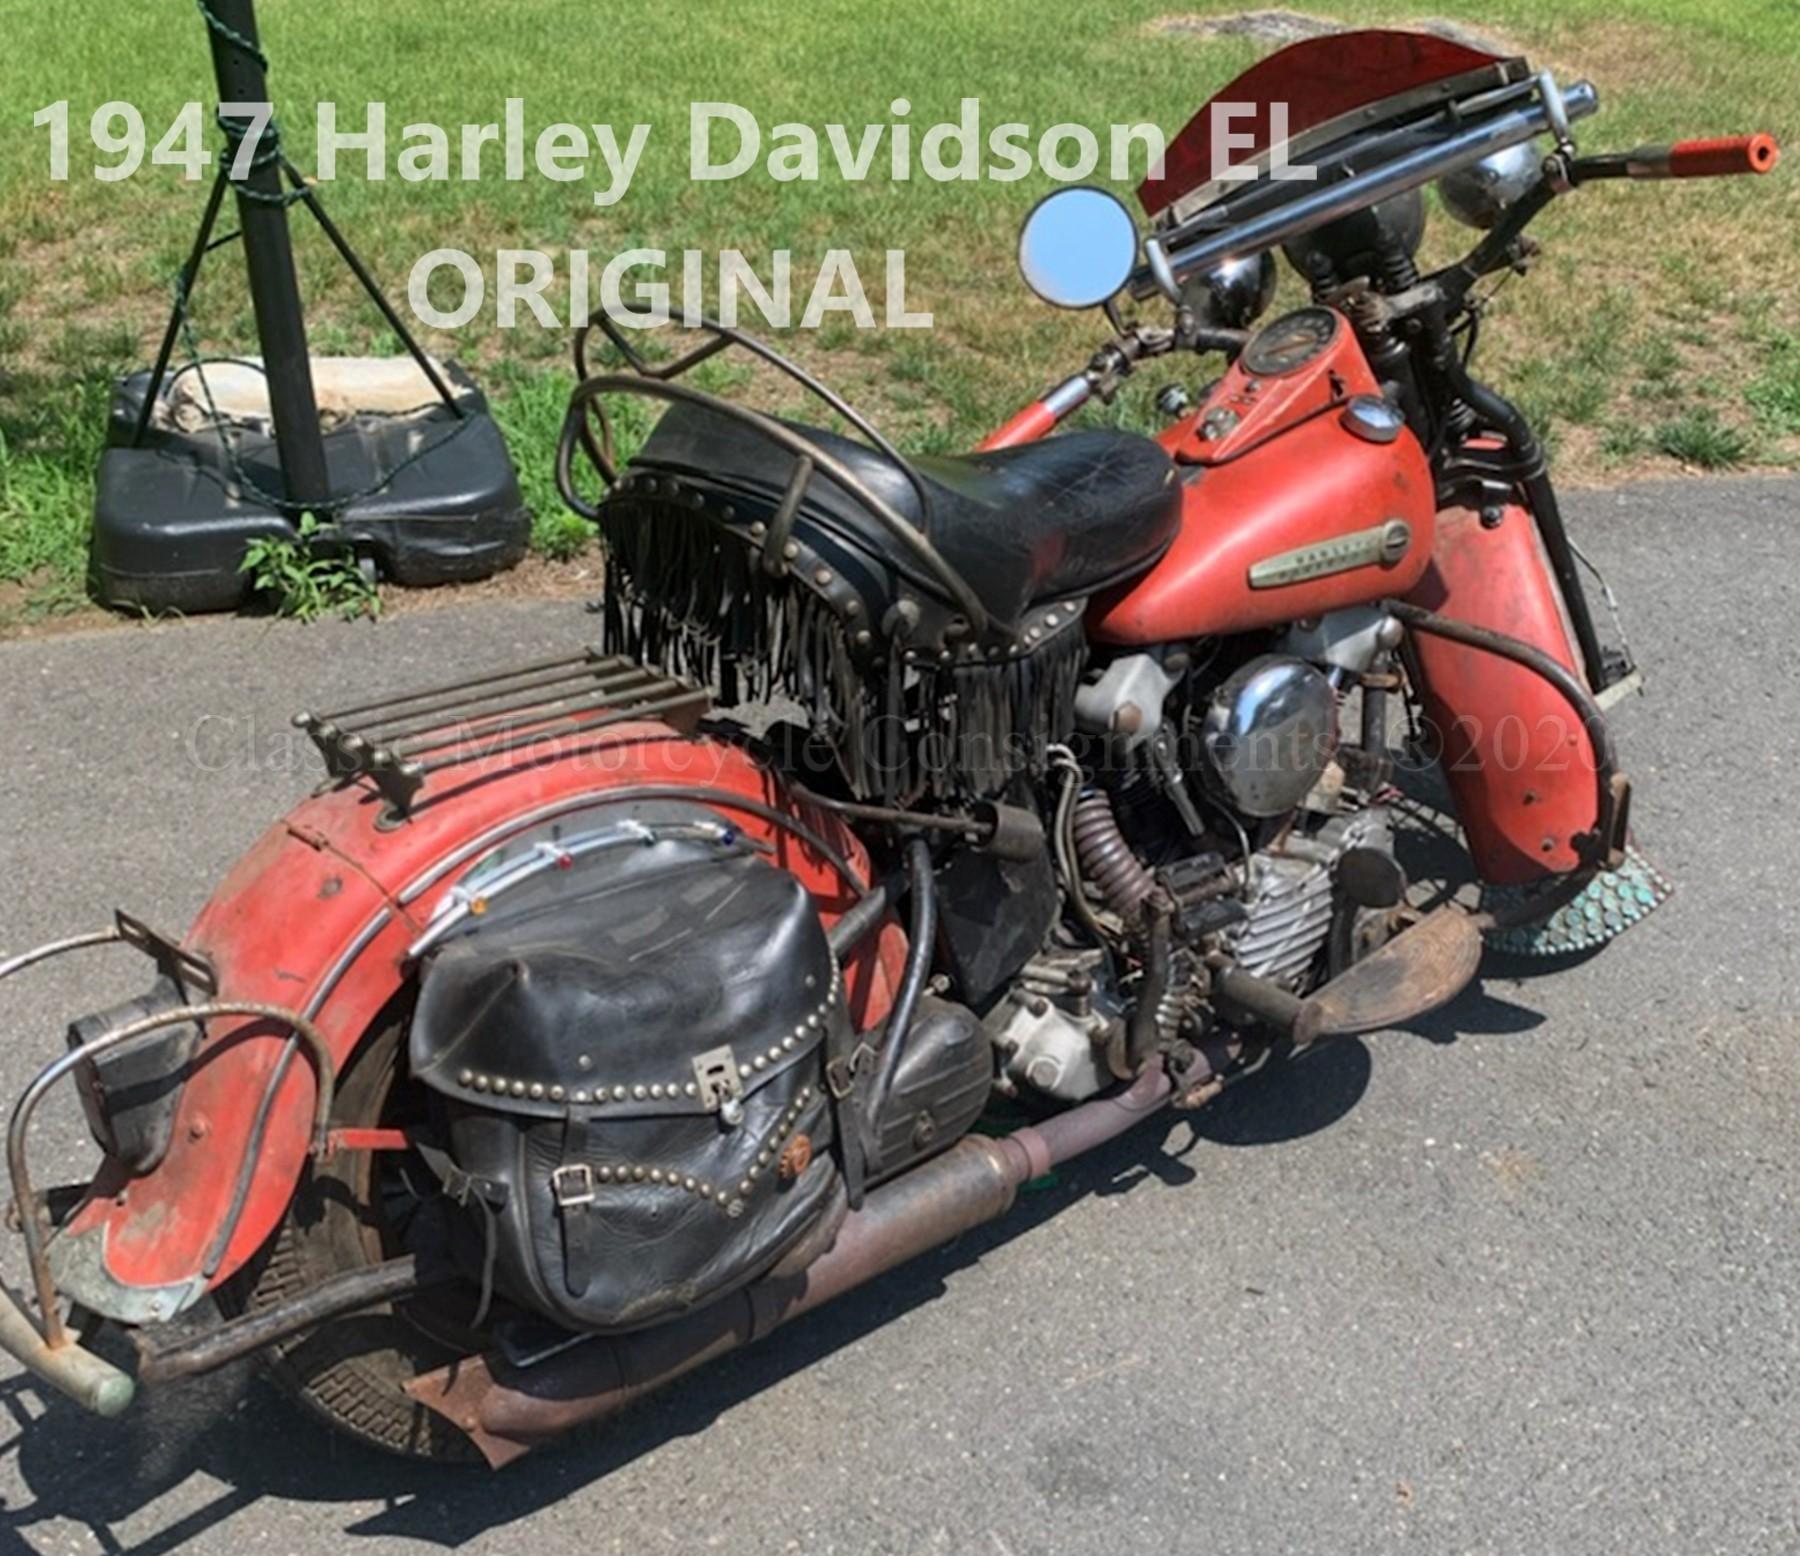 1947 Harley Davidson EL Knucklehead — ORIGINAL